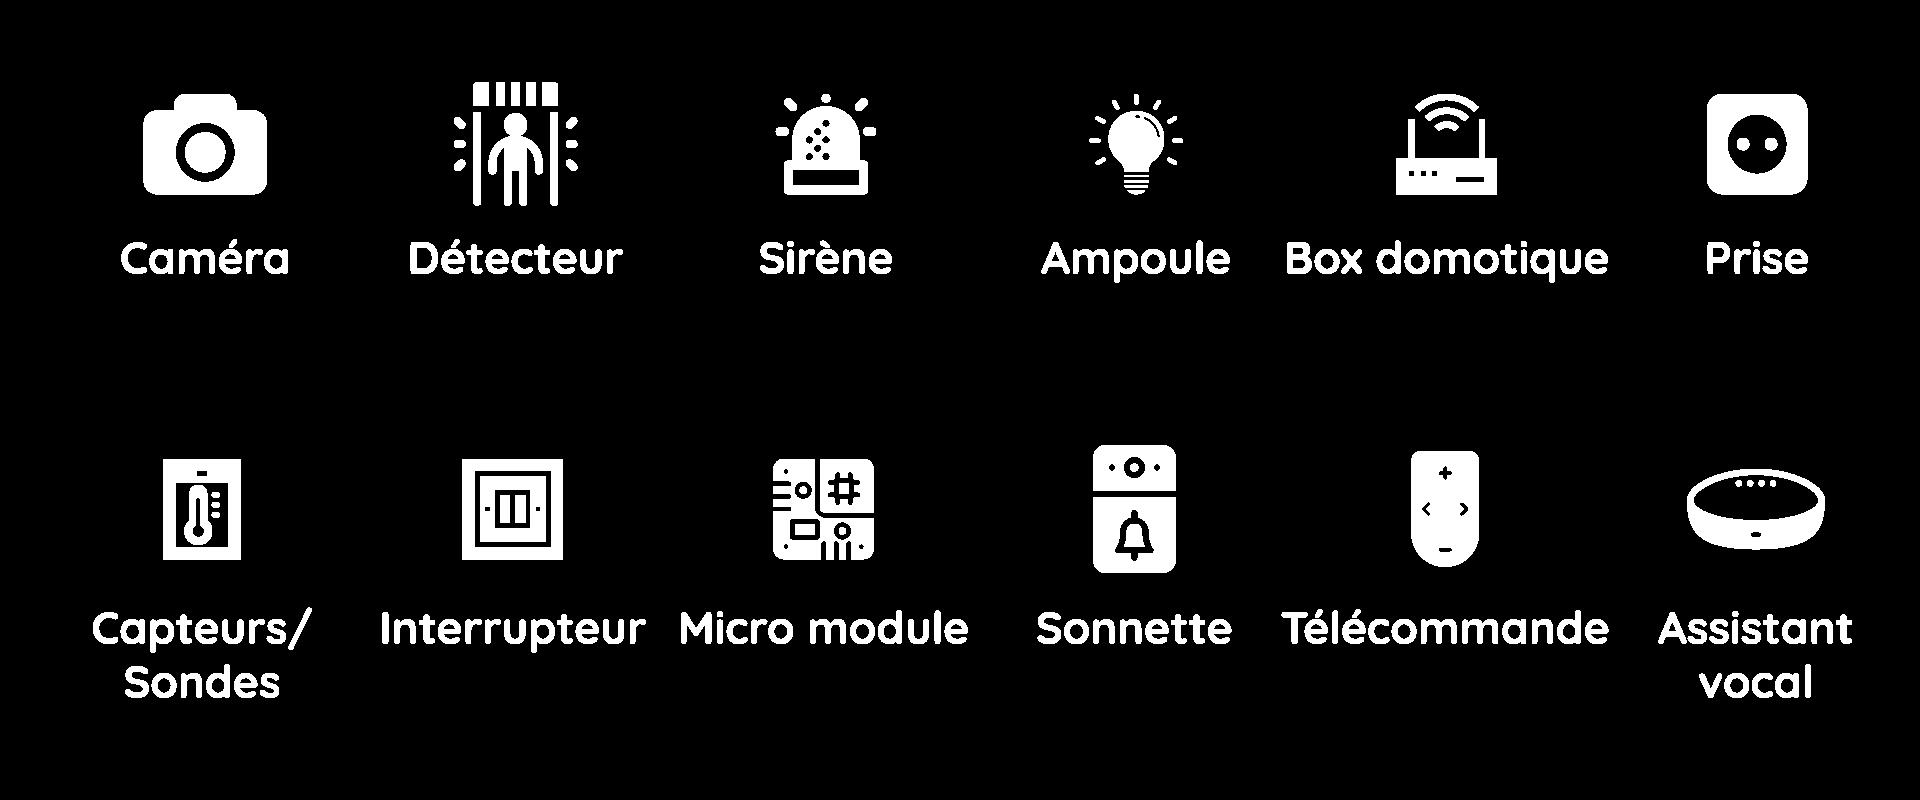 icônes représentant les équipements disponibles avec Comfort Life